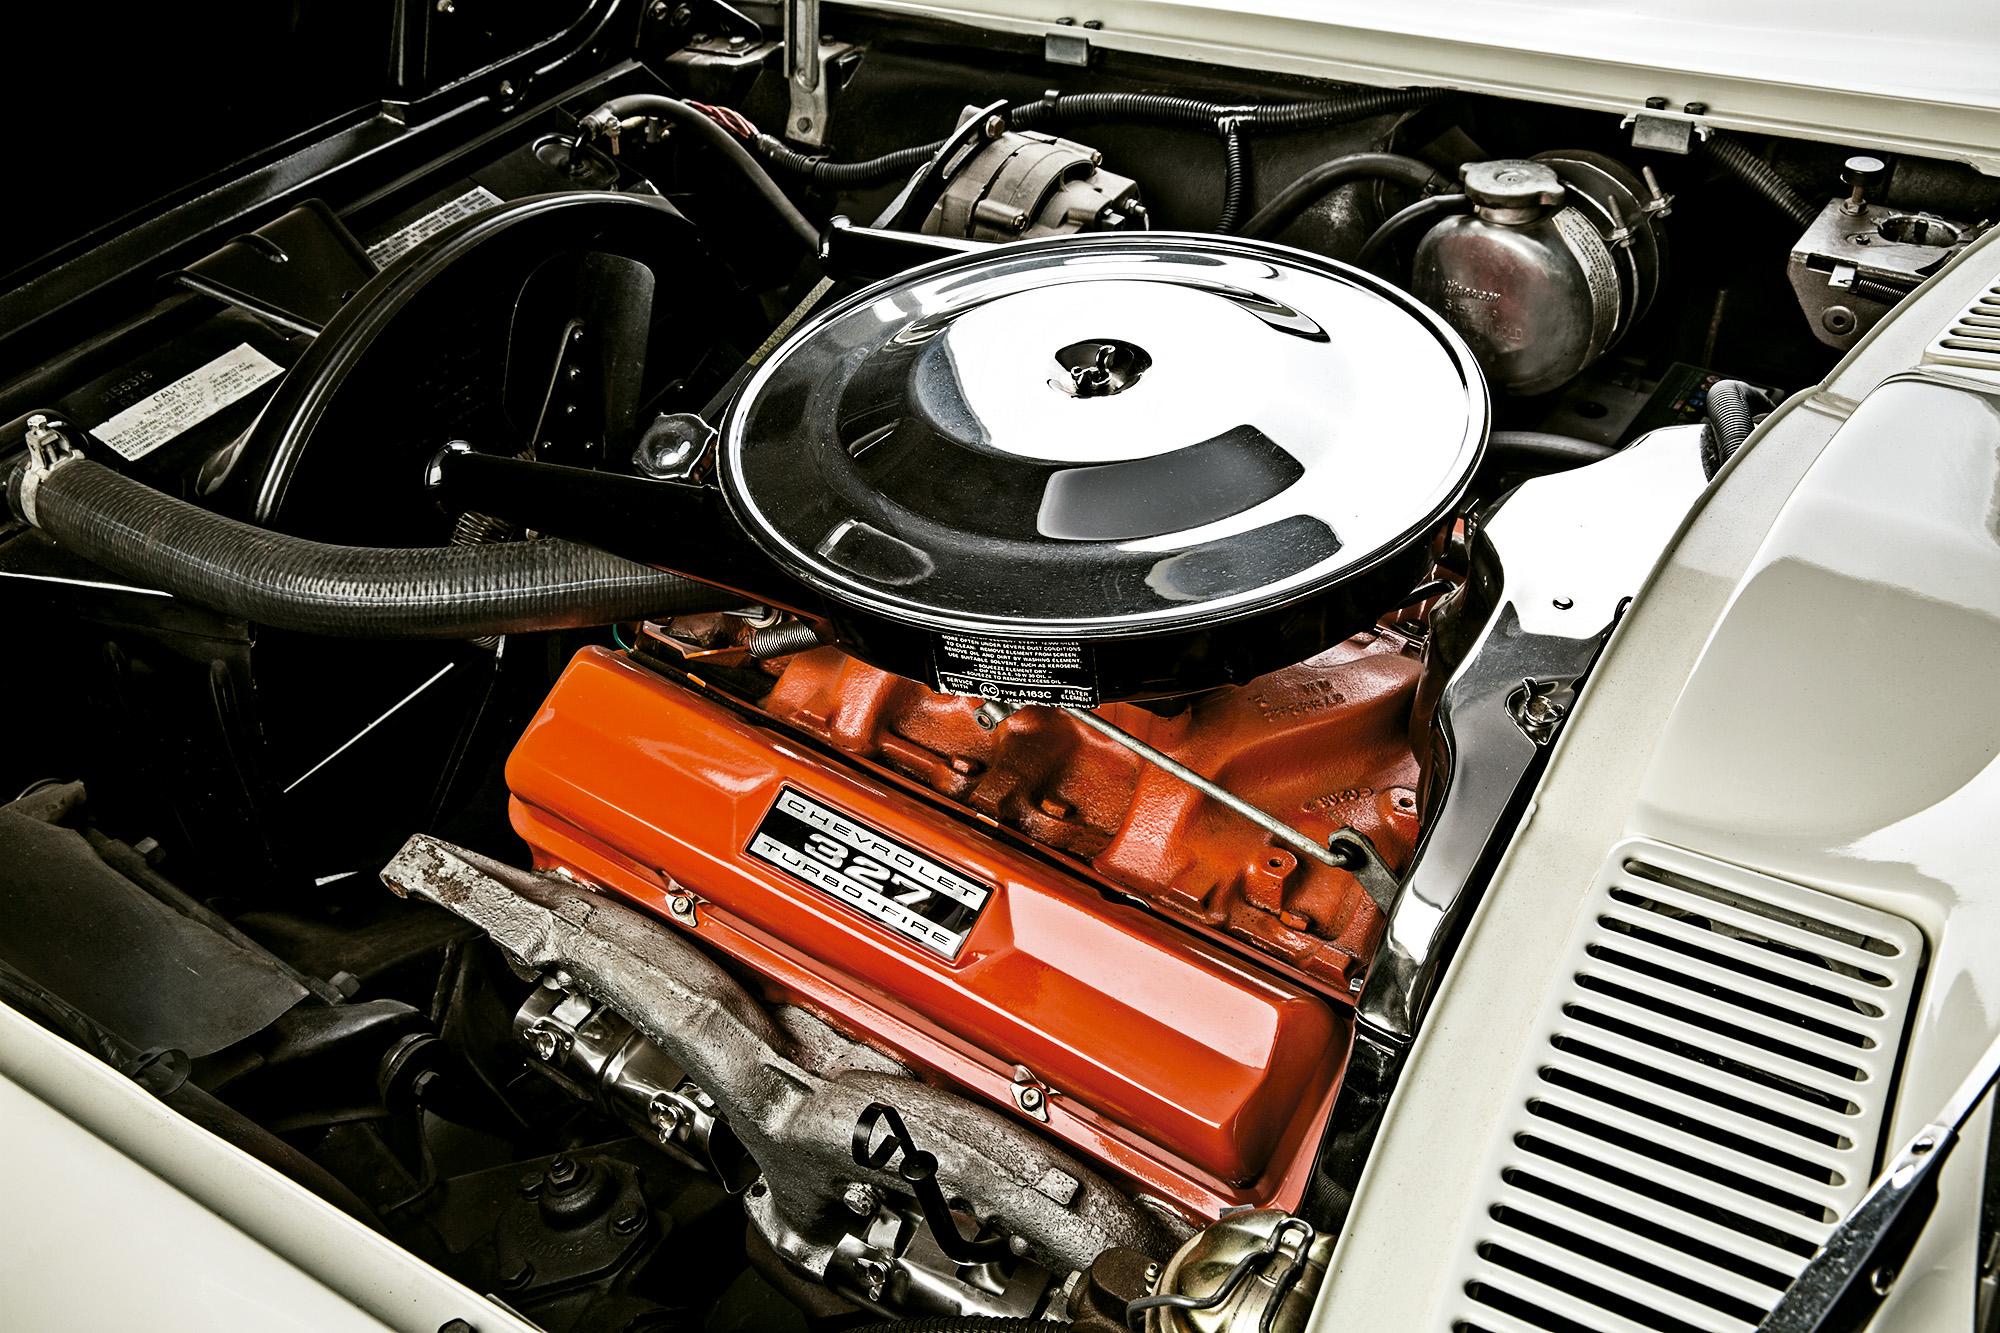 Câmbio manual e um V8 repleto de torque e potência